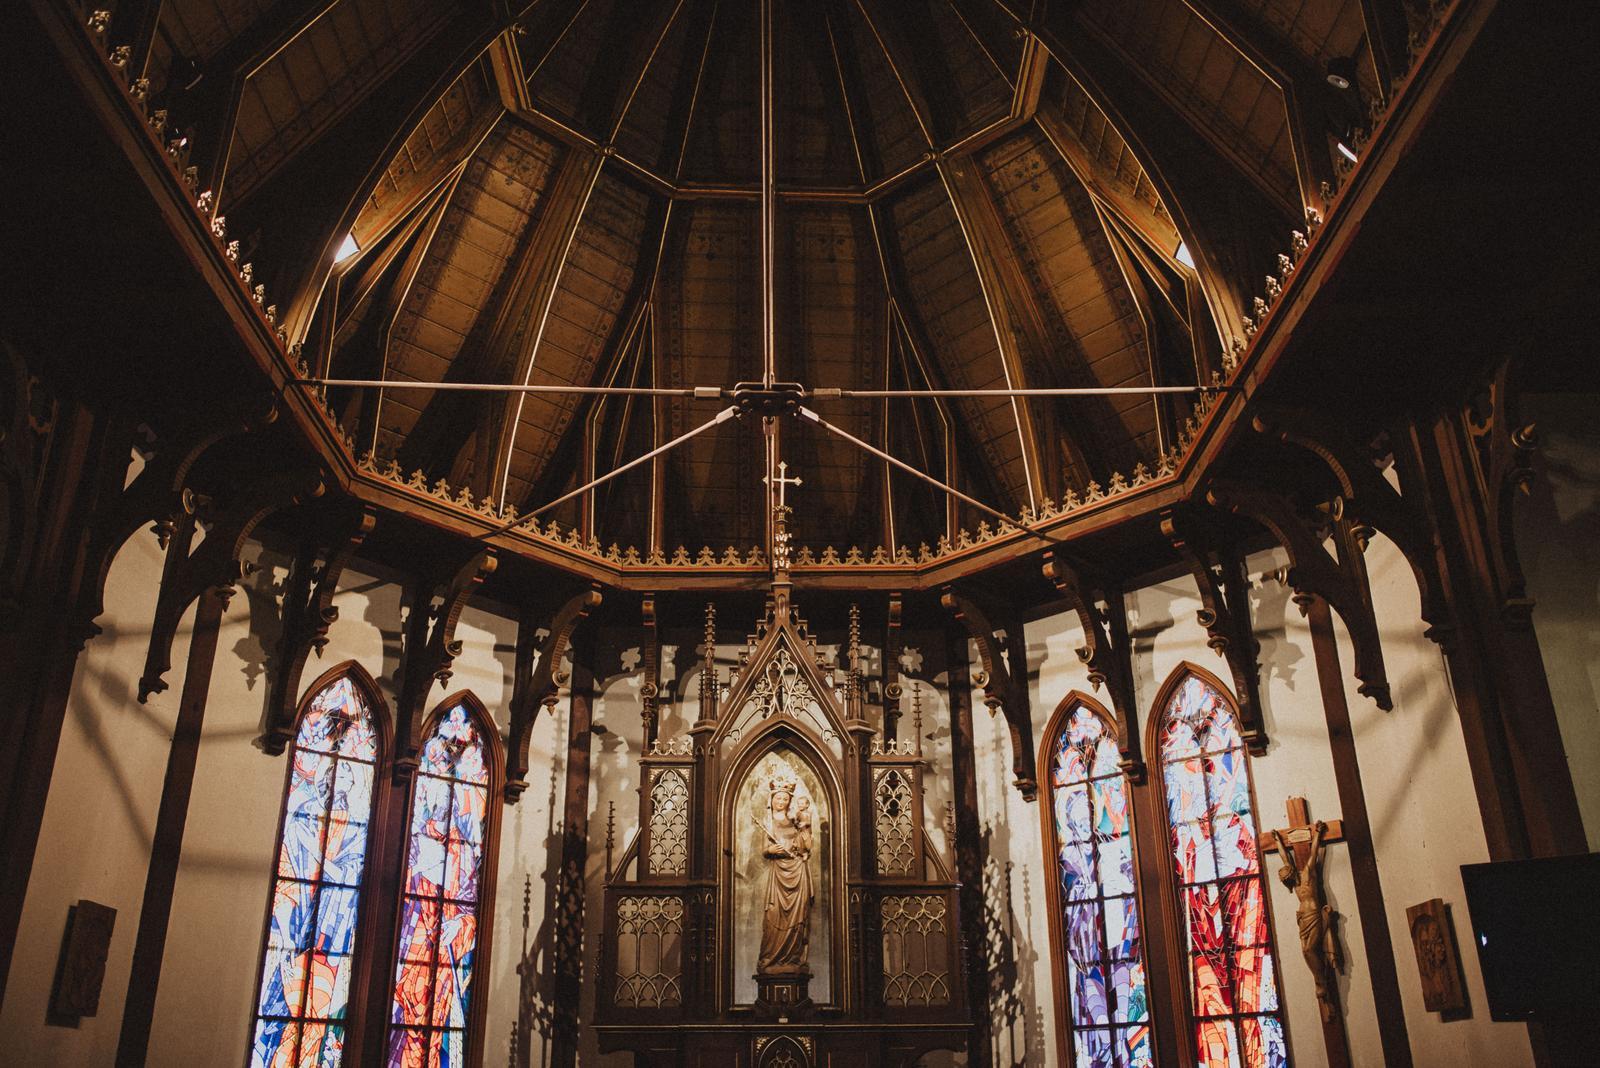 Tatranská zimná svadba - staručký kostol, v ktorom nie je ani kúrenie...tam akoby zastal čas. a my s ním...